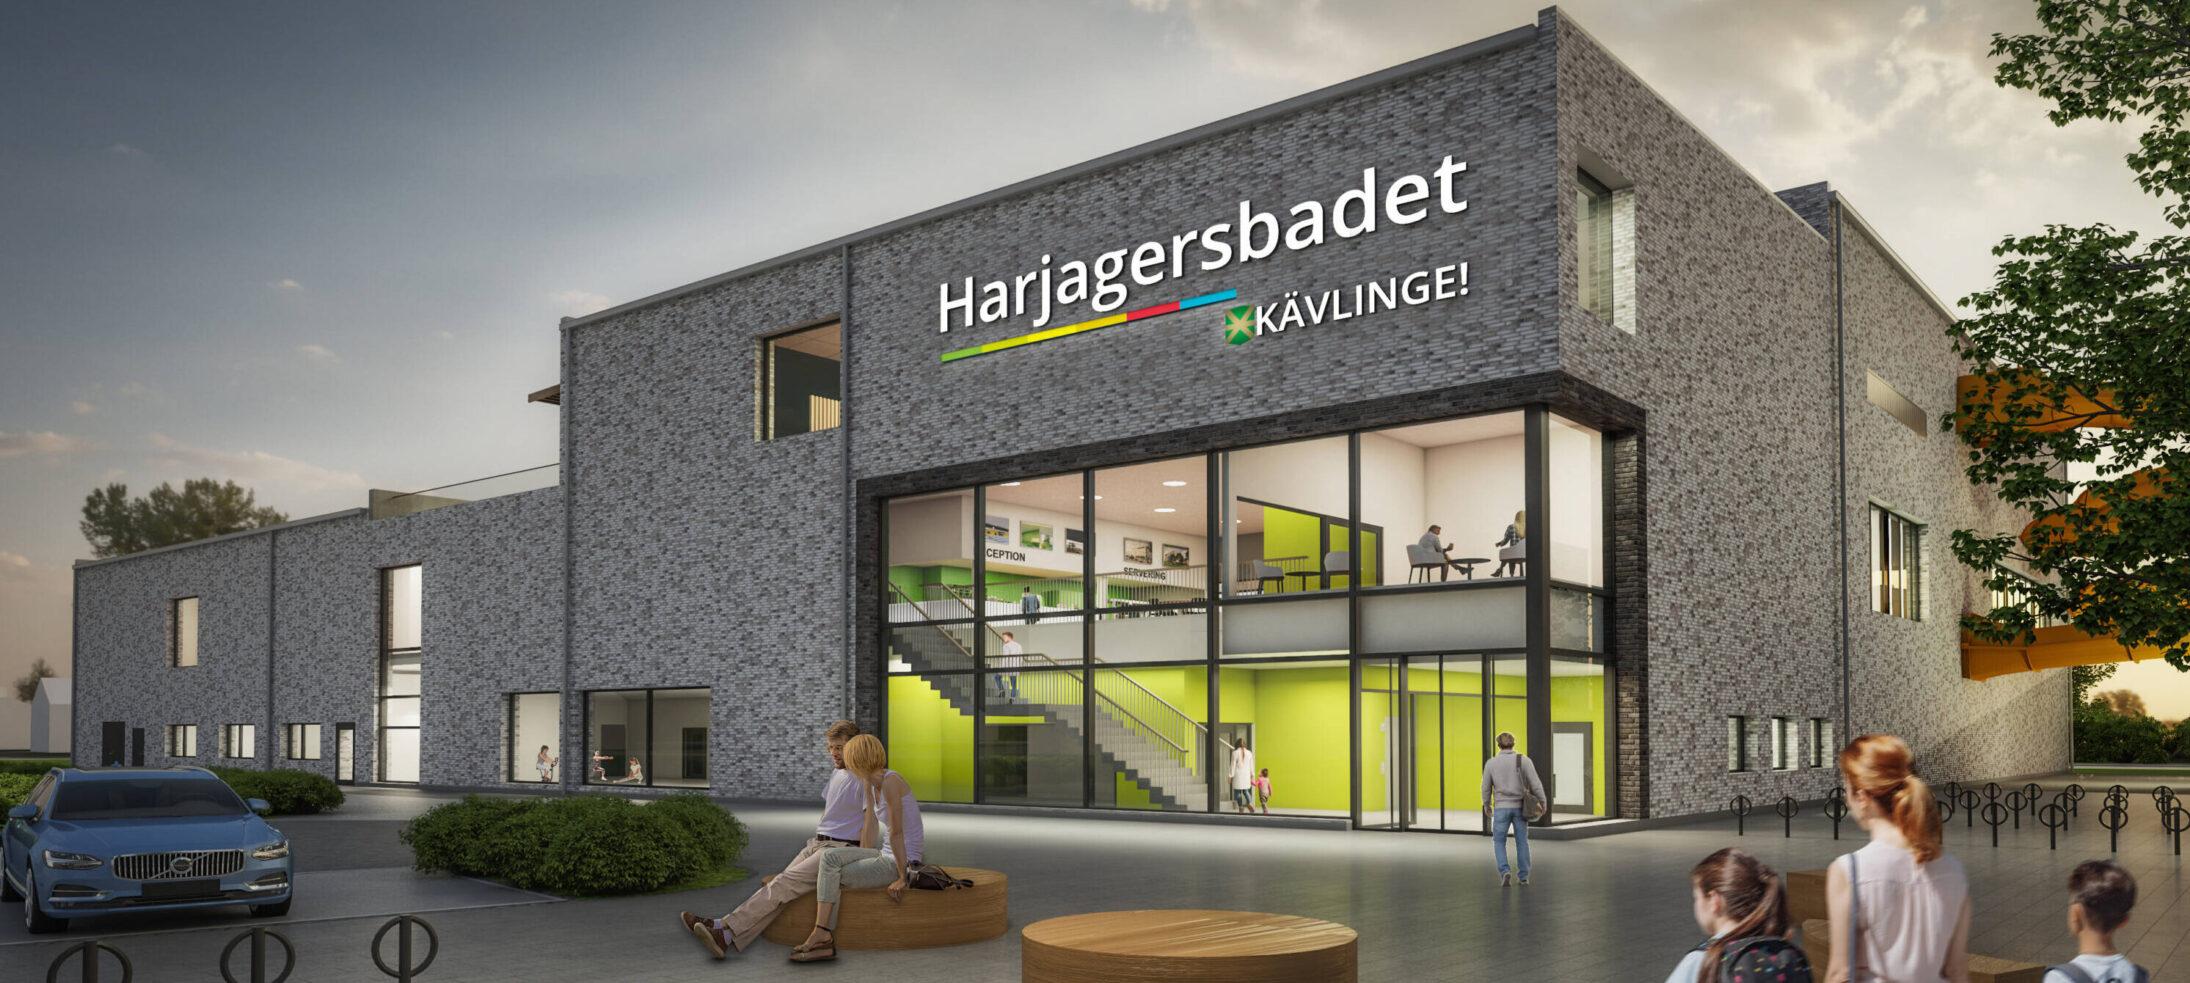 Illustrationsbild från arkitekt på nya badhuset med texten Harjagersbadet på fasaden.